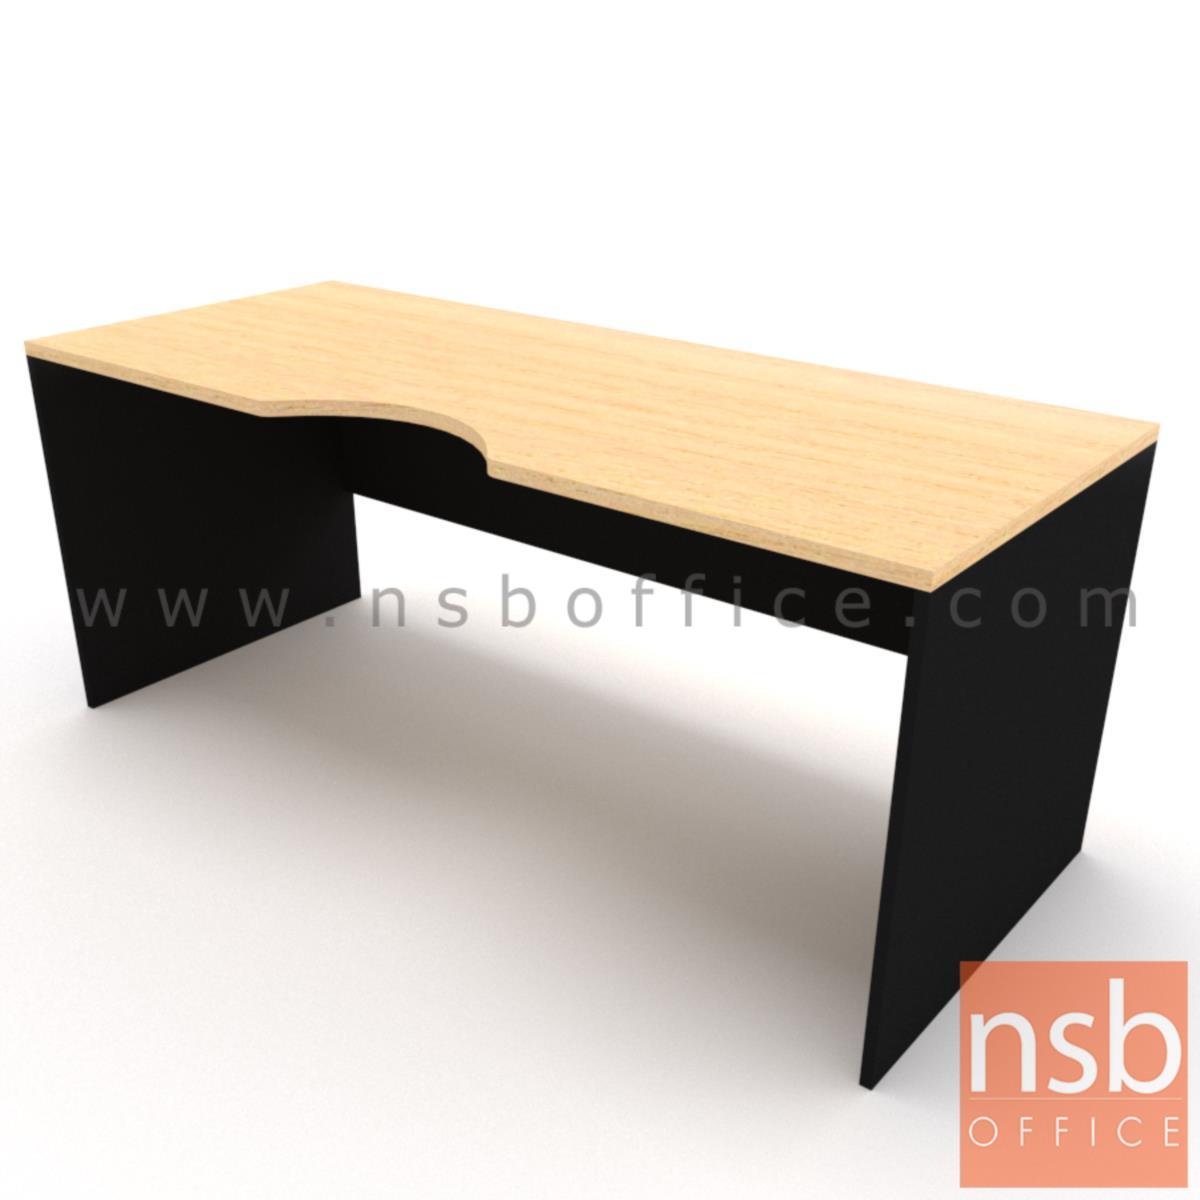 โต๊ะทำงานโล่งหน้าเว้าโค้งใบไม้   ขนาด 120W,150W,180W*(60D,75D) cm.  ไม่รวมพาร์ทิชั่น